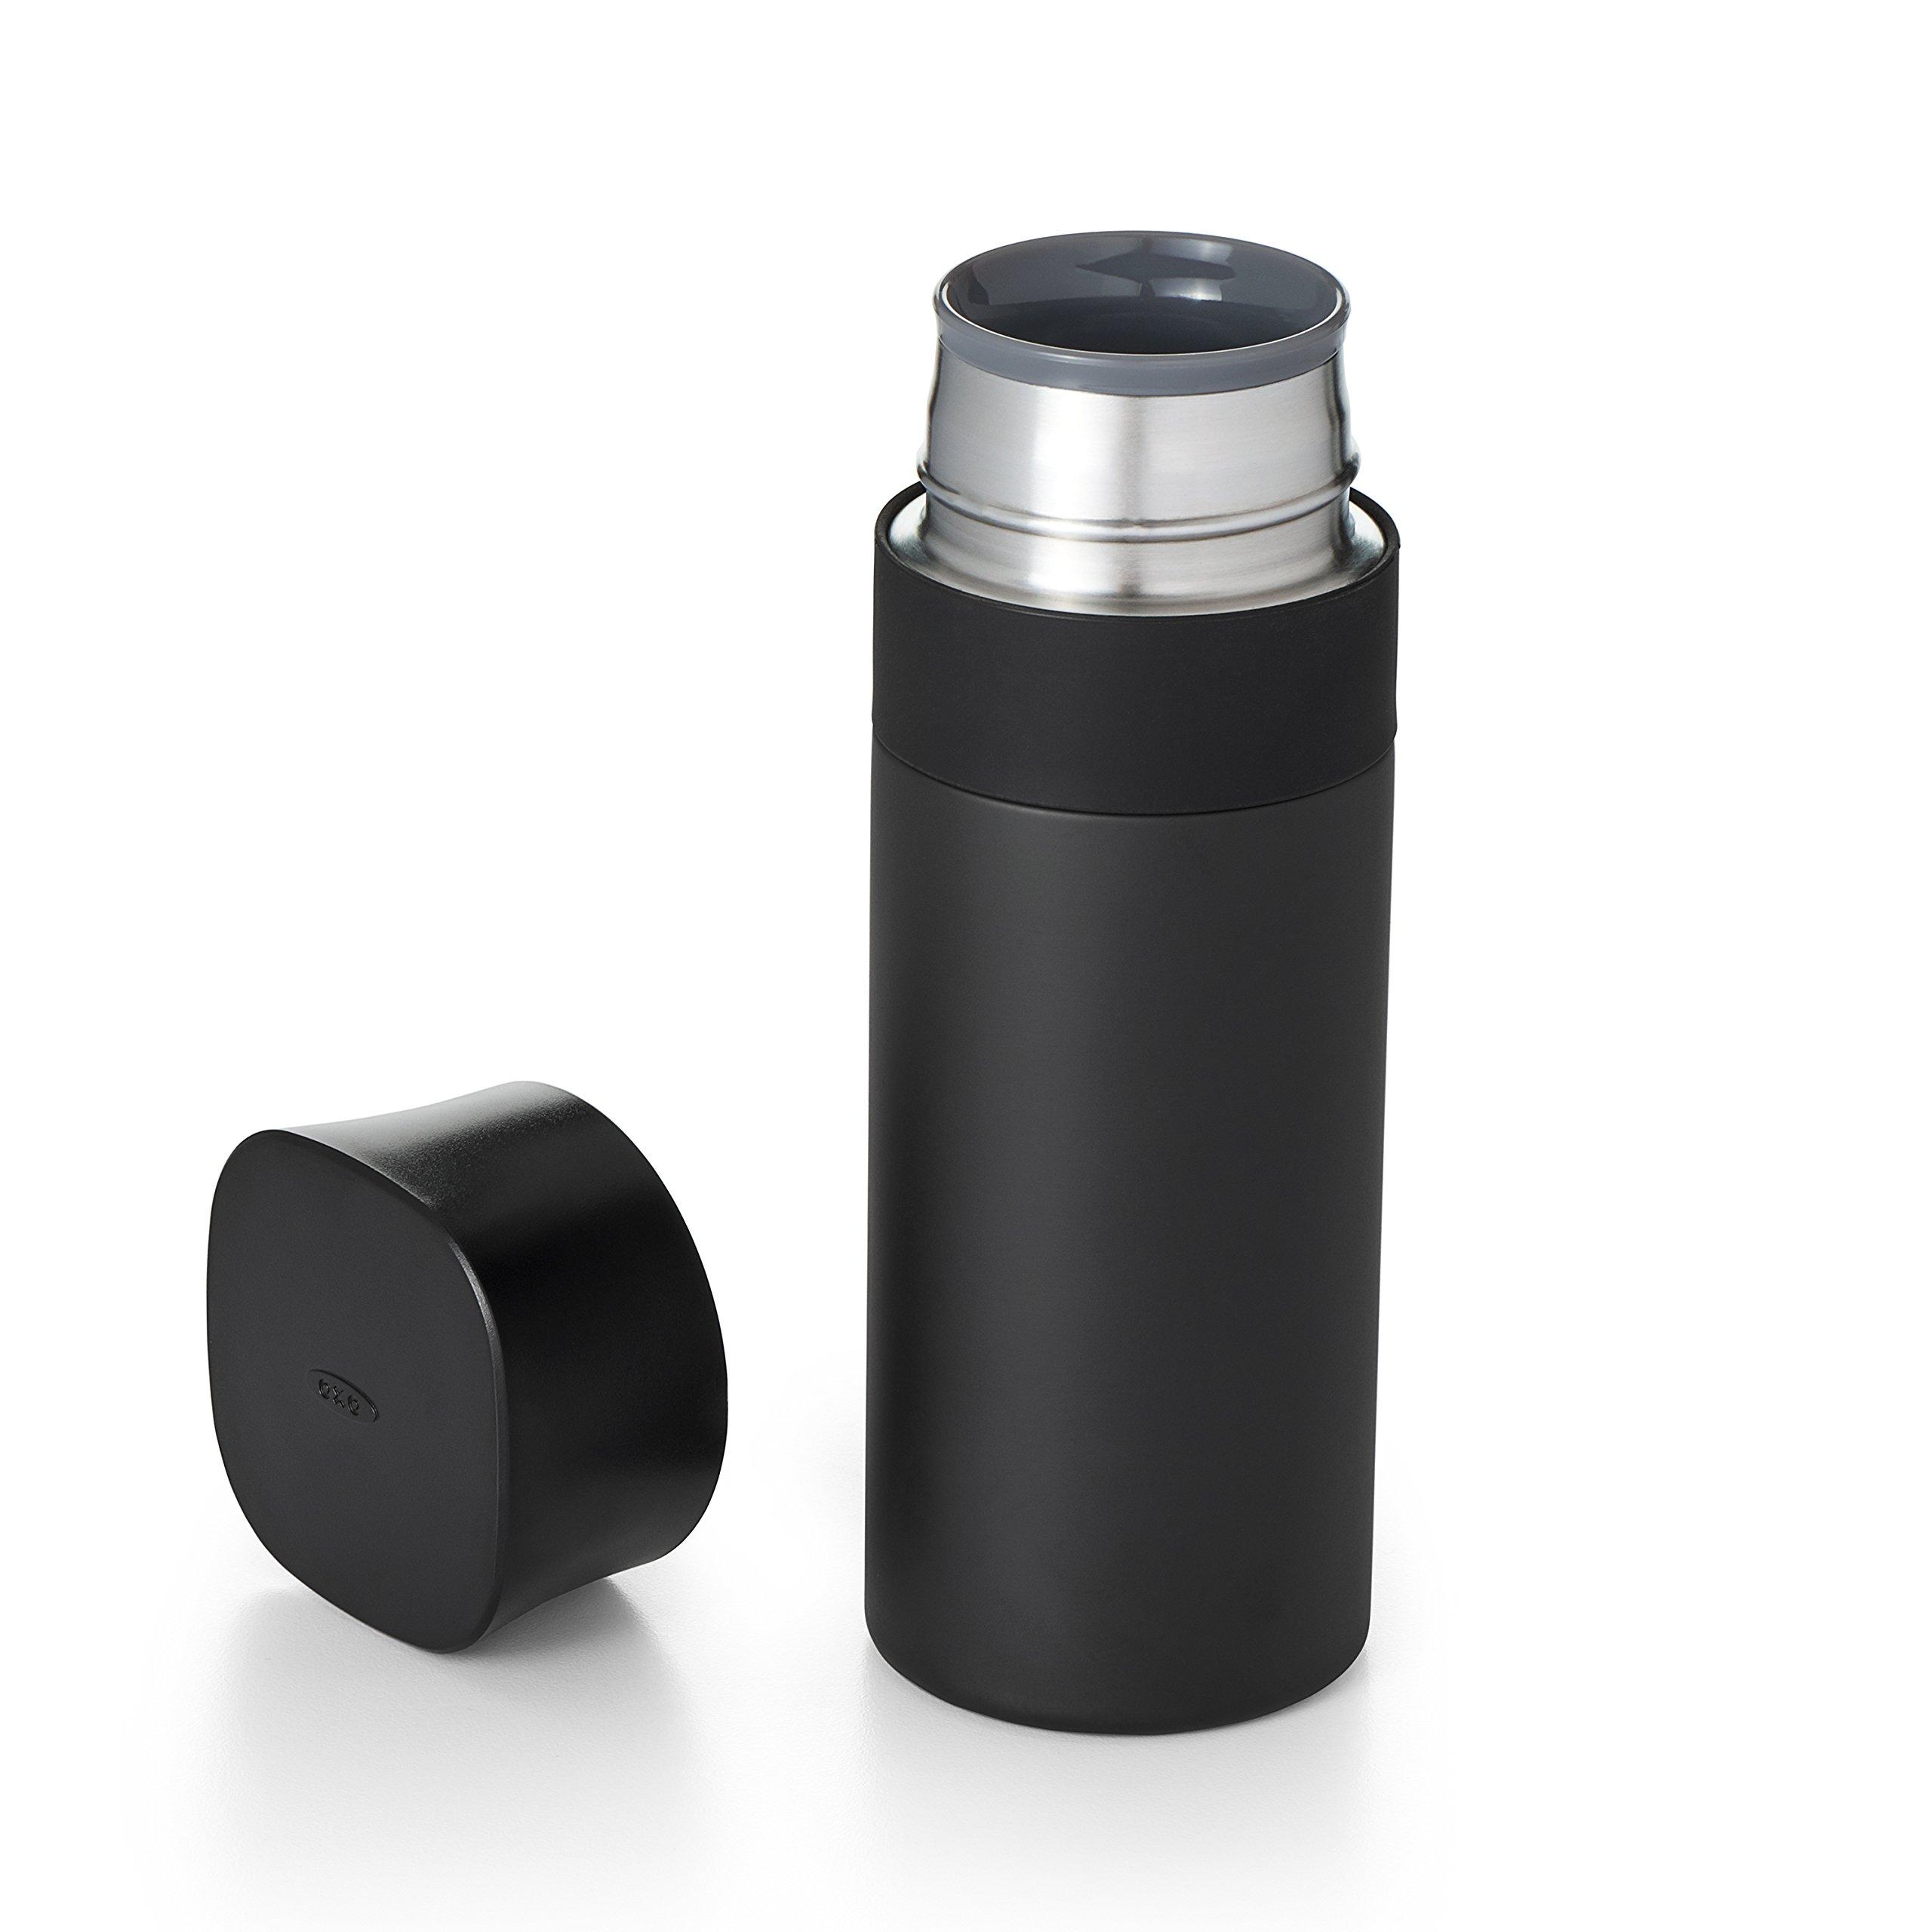 OXO Good Grips Thermal Travel Mug, 12 oz, Black